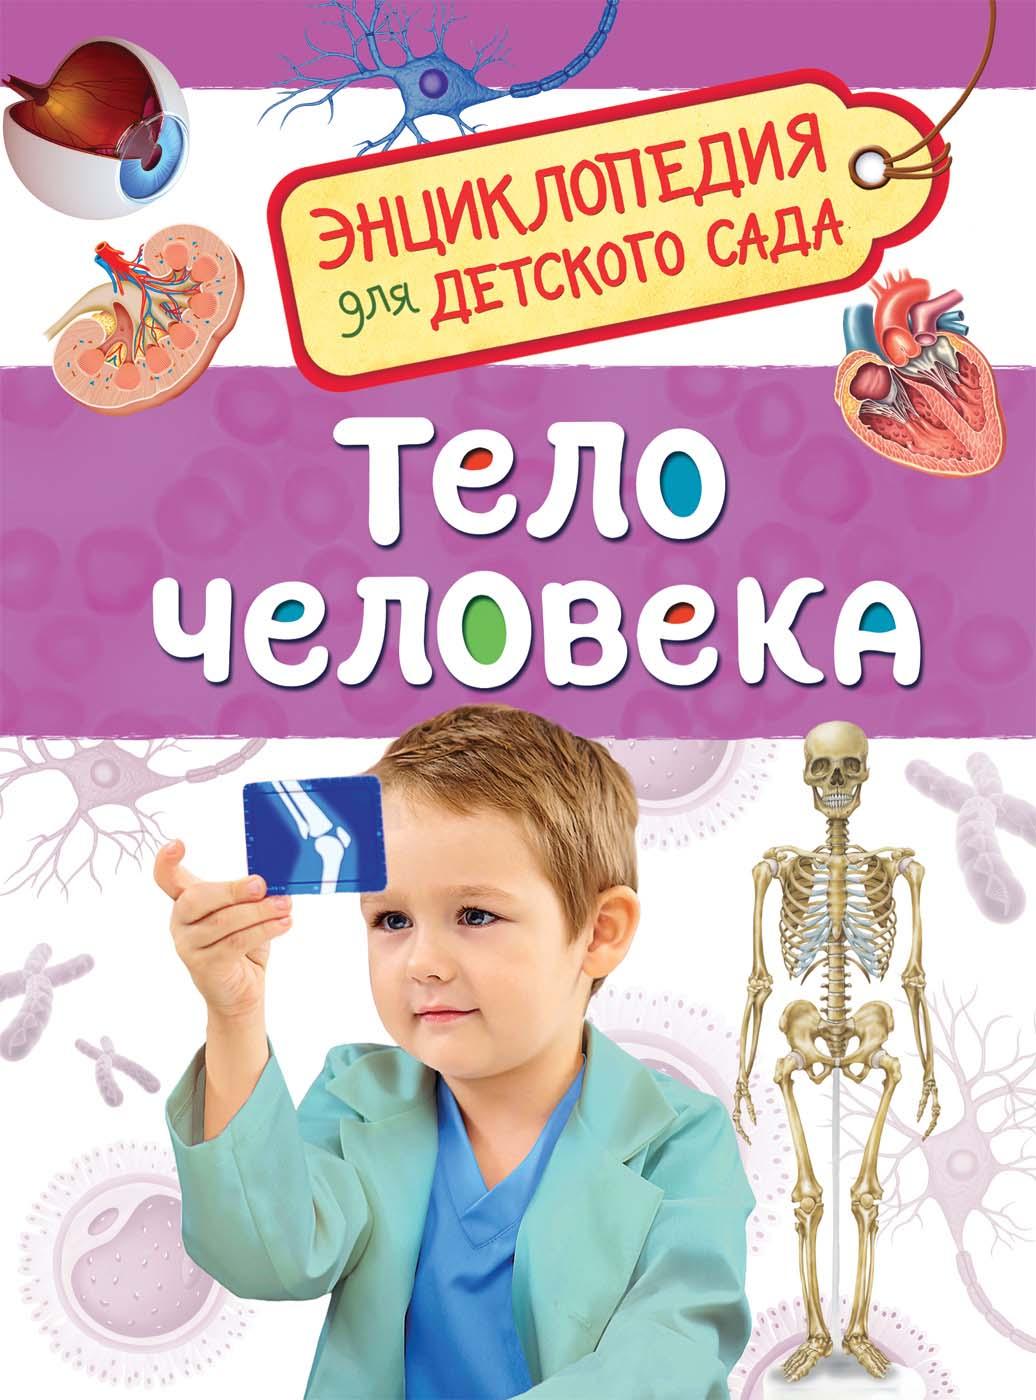 Энциклопедия для детского сада - Тело человекаДля малышей в картинках<br>Энциклопедия для детского сада - Тело человека<br>